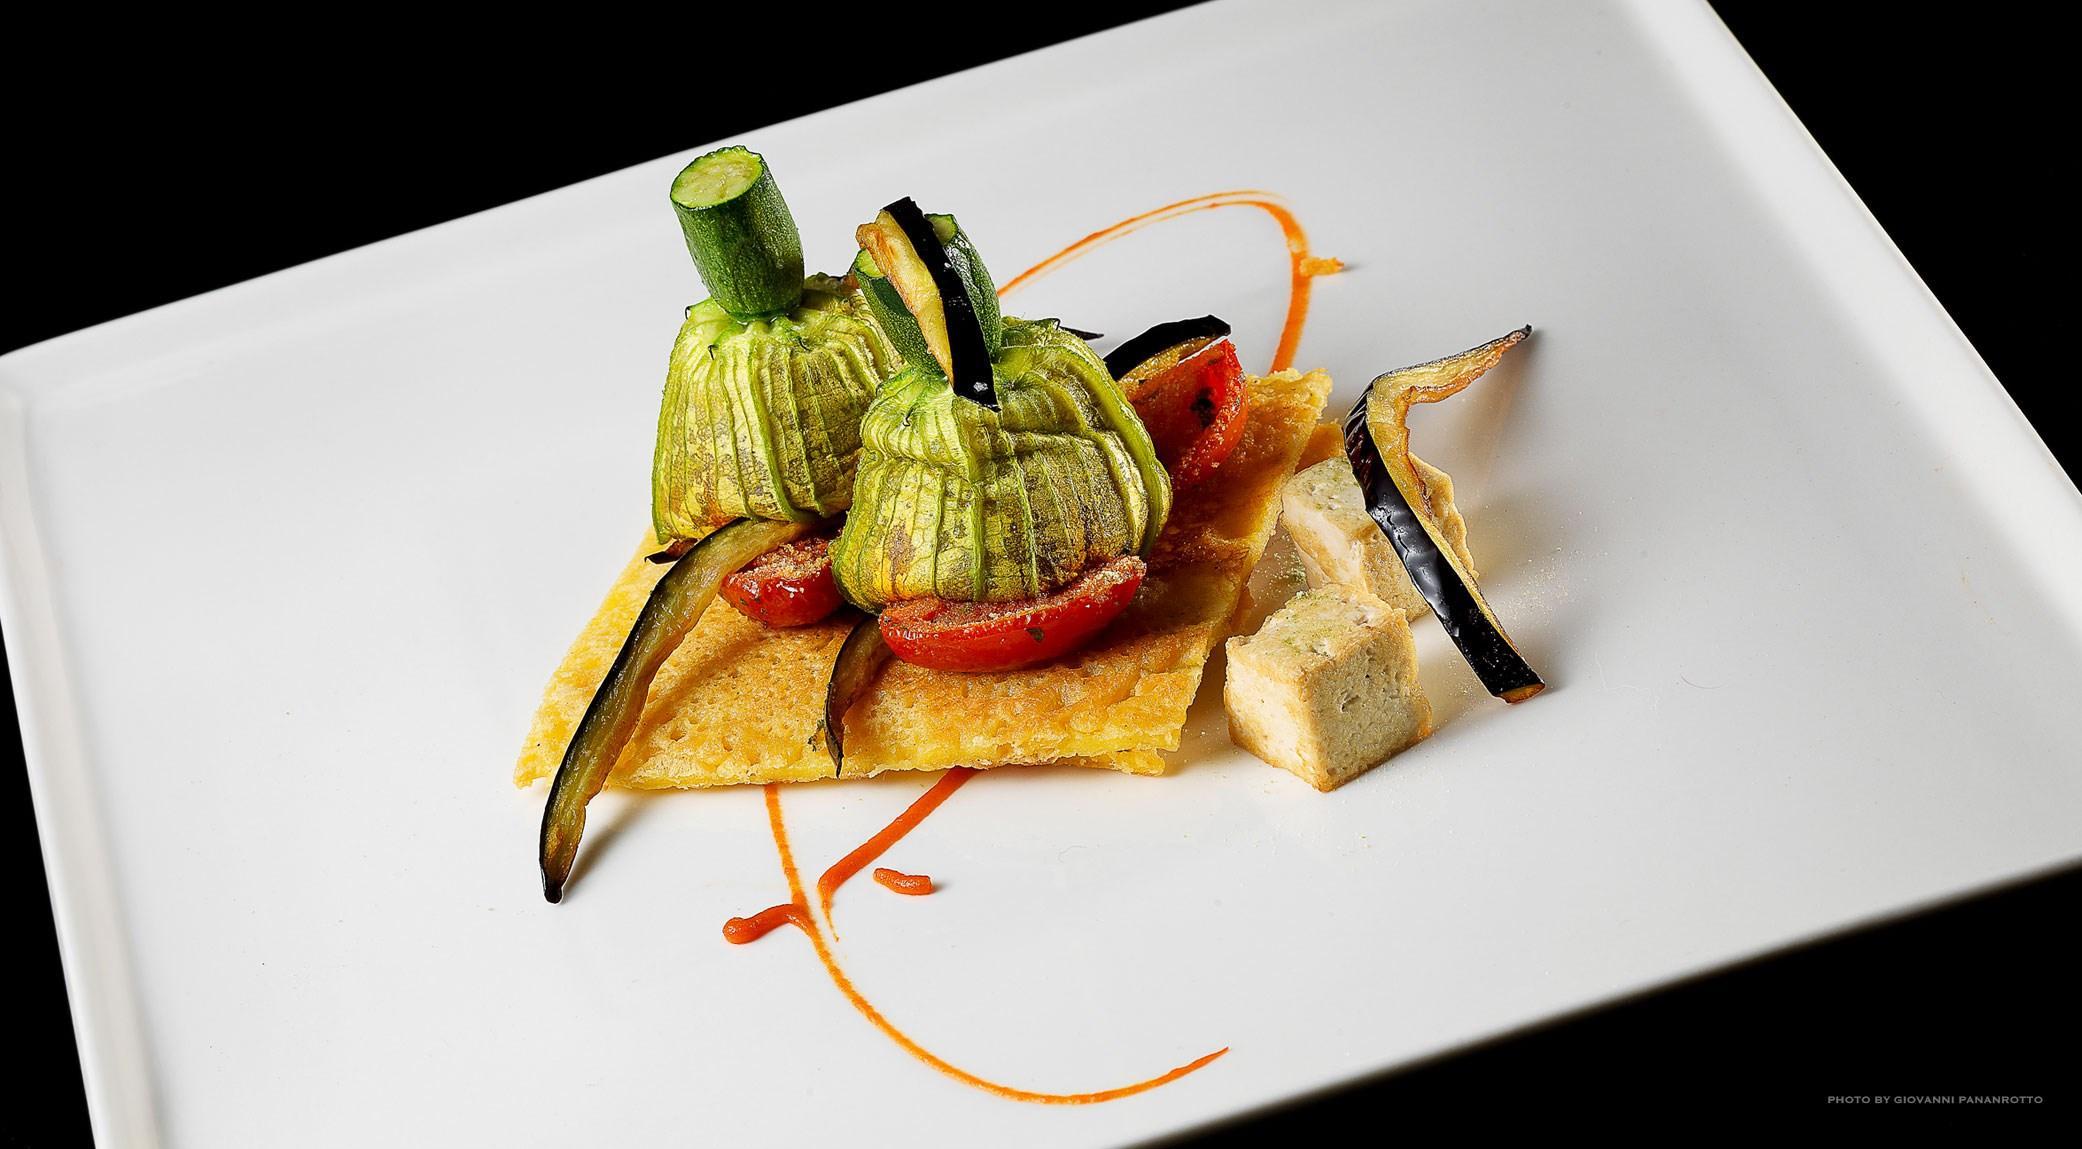 005-zucchini-carla-aradelli